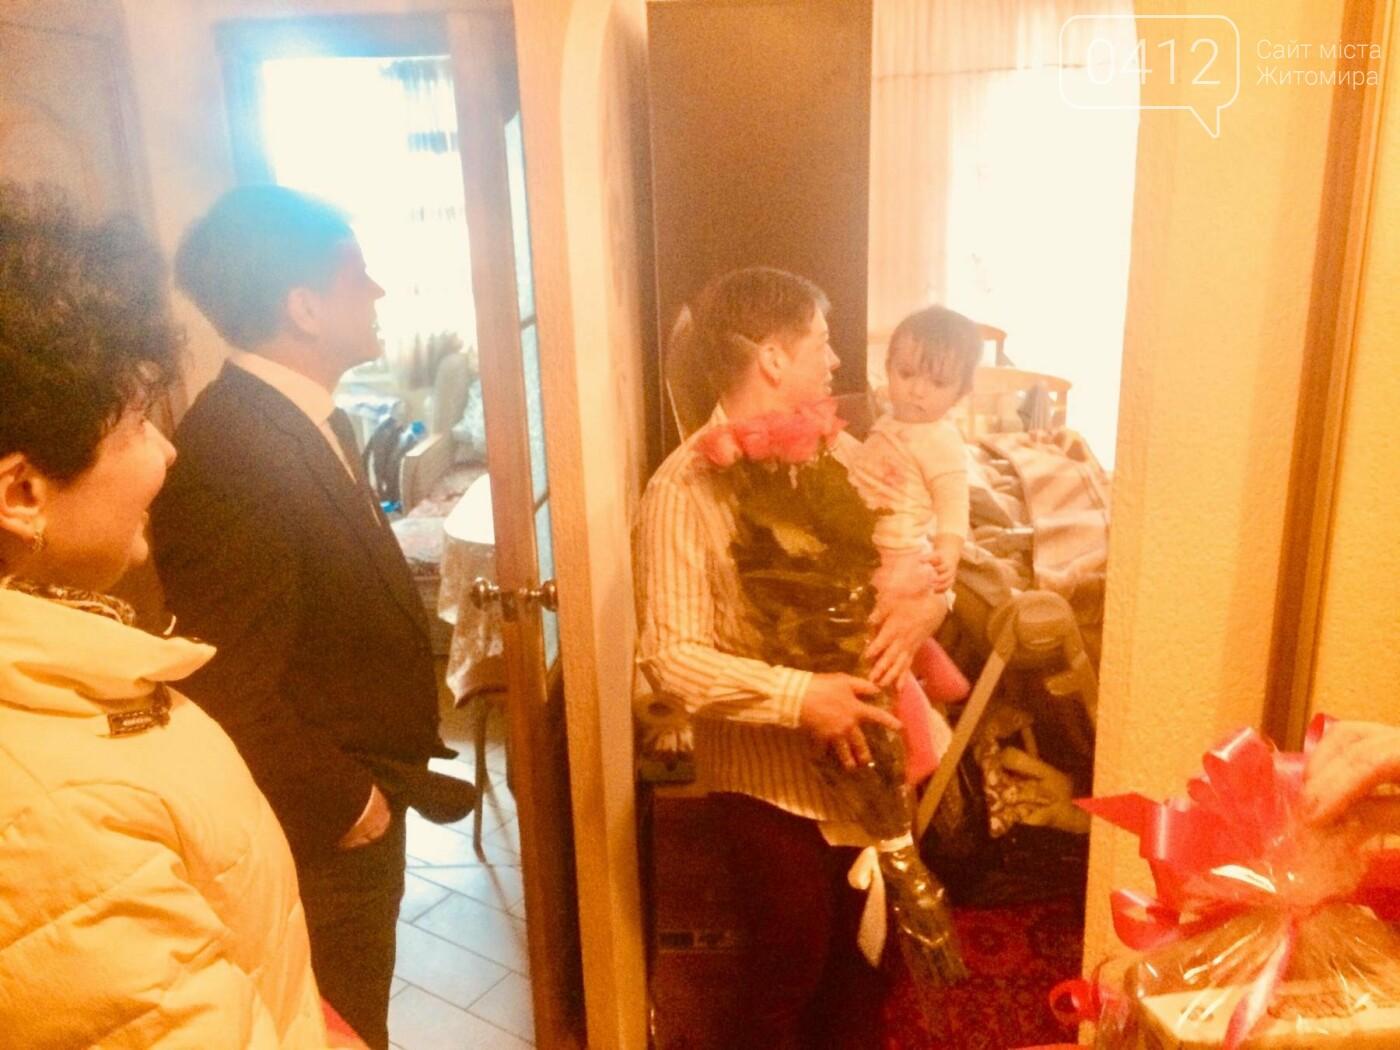 У Житомирі депутати виділили кошти на ремонт квартири для родини загиблого «кіборга», фото-2